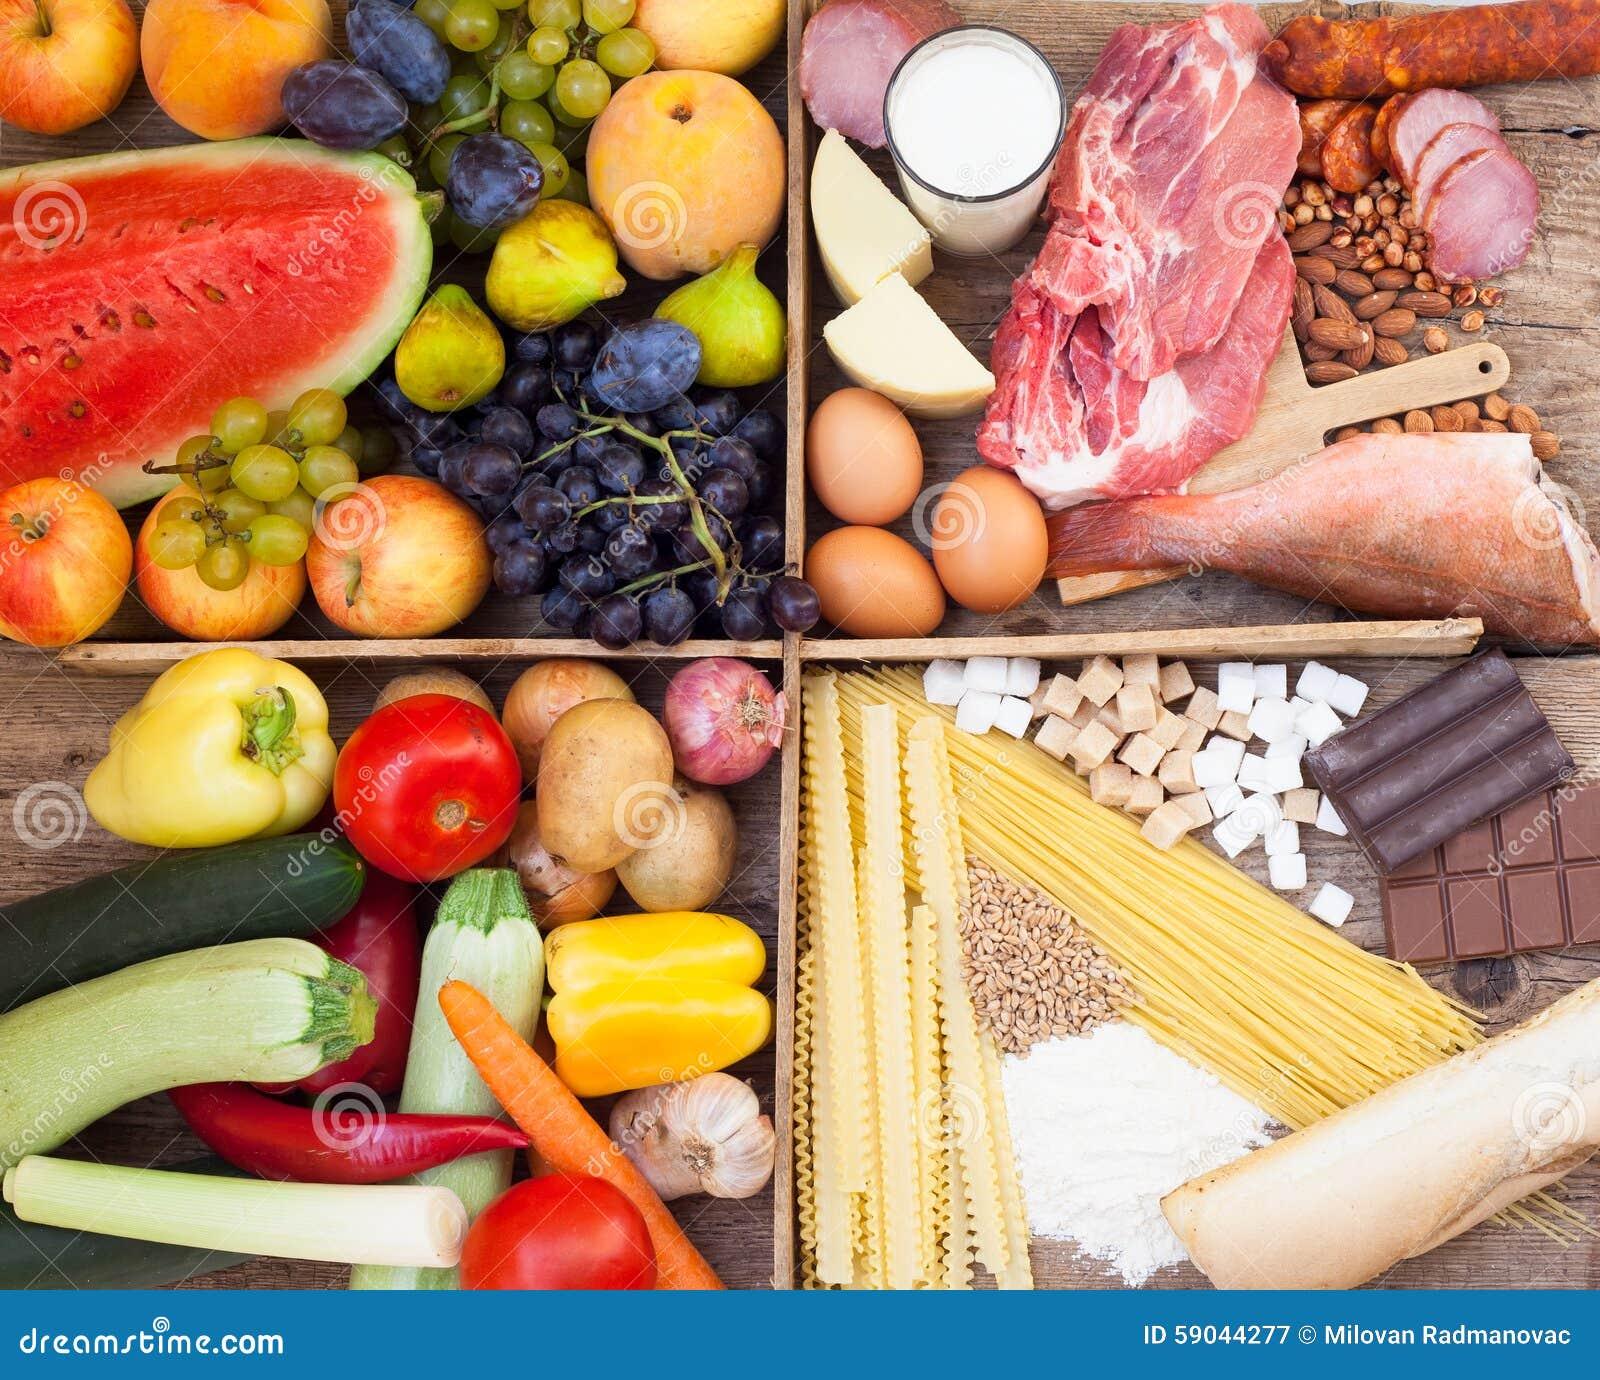 维生素、蛋白质、糖和碳水化合物